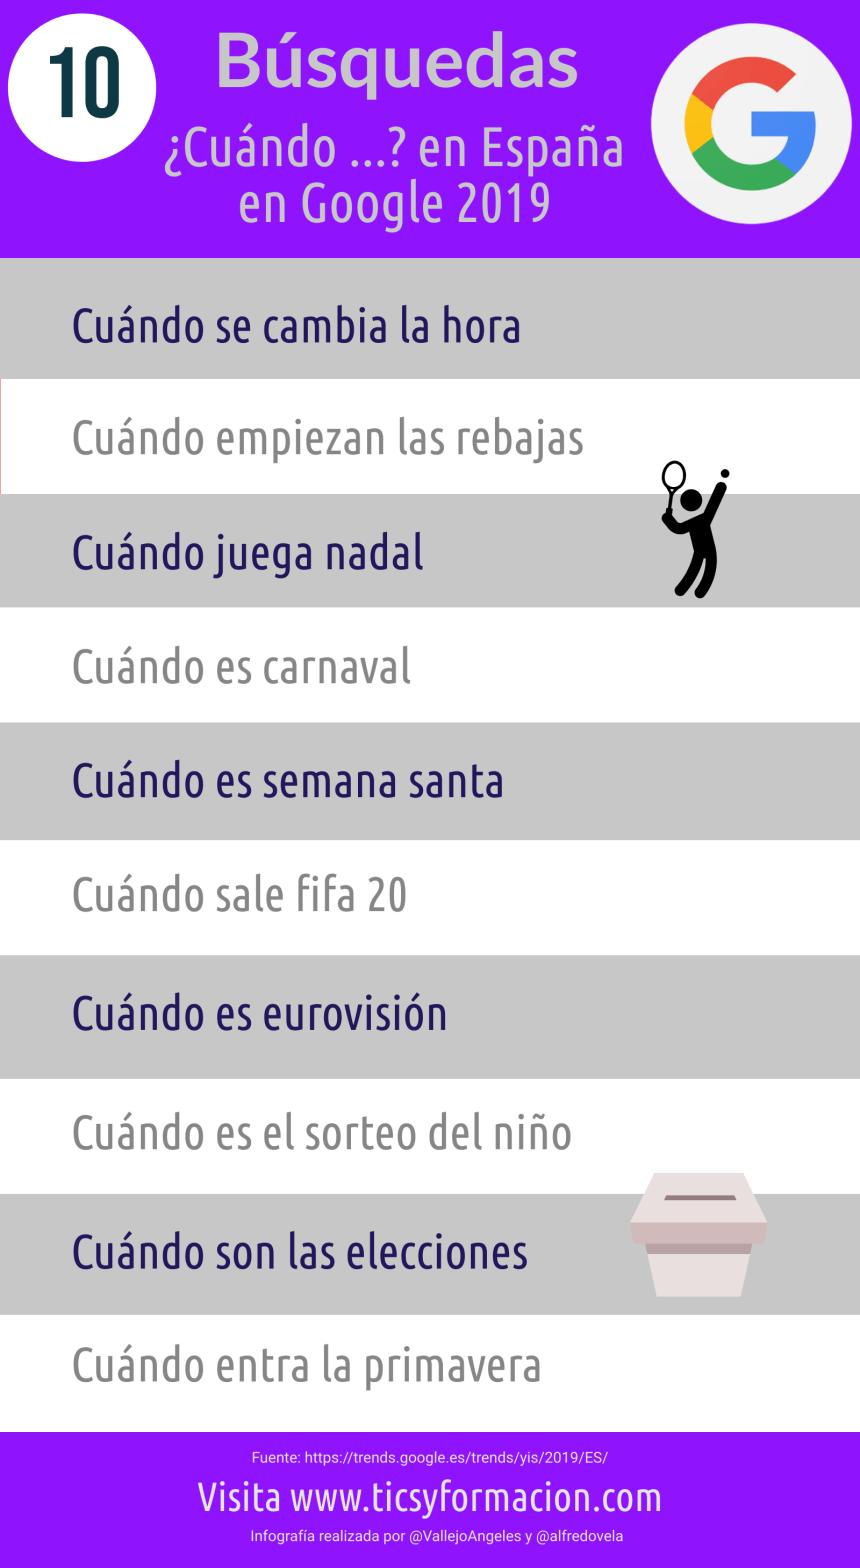 10 búsquedas ¿Cuándo...? más realizadas en Google en España 2019